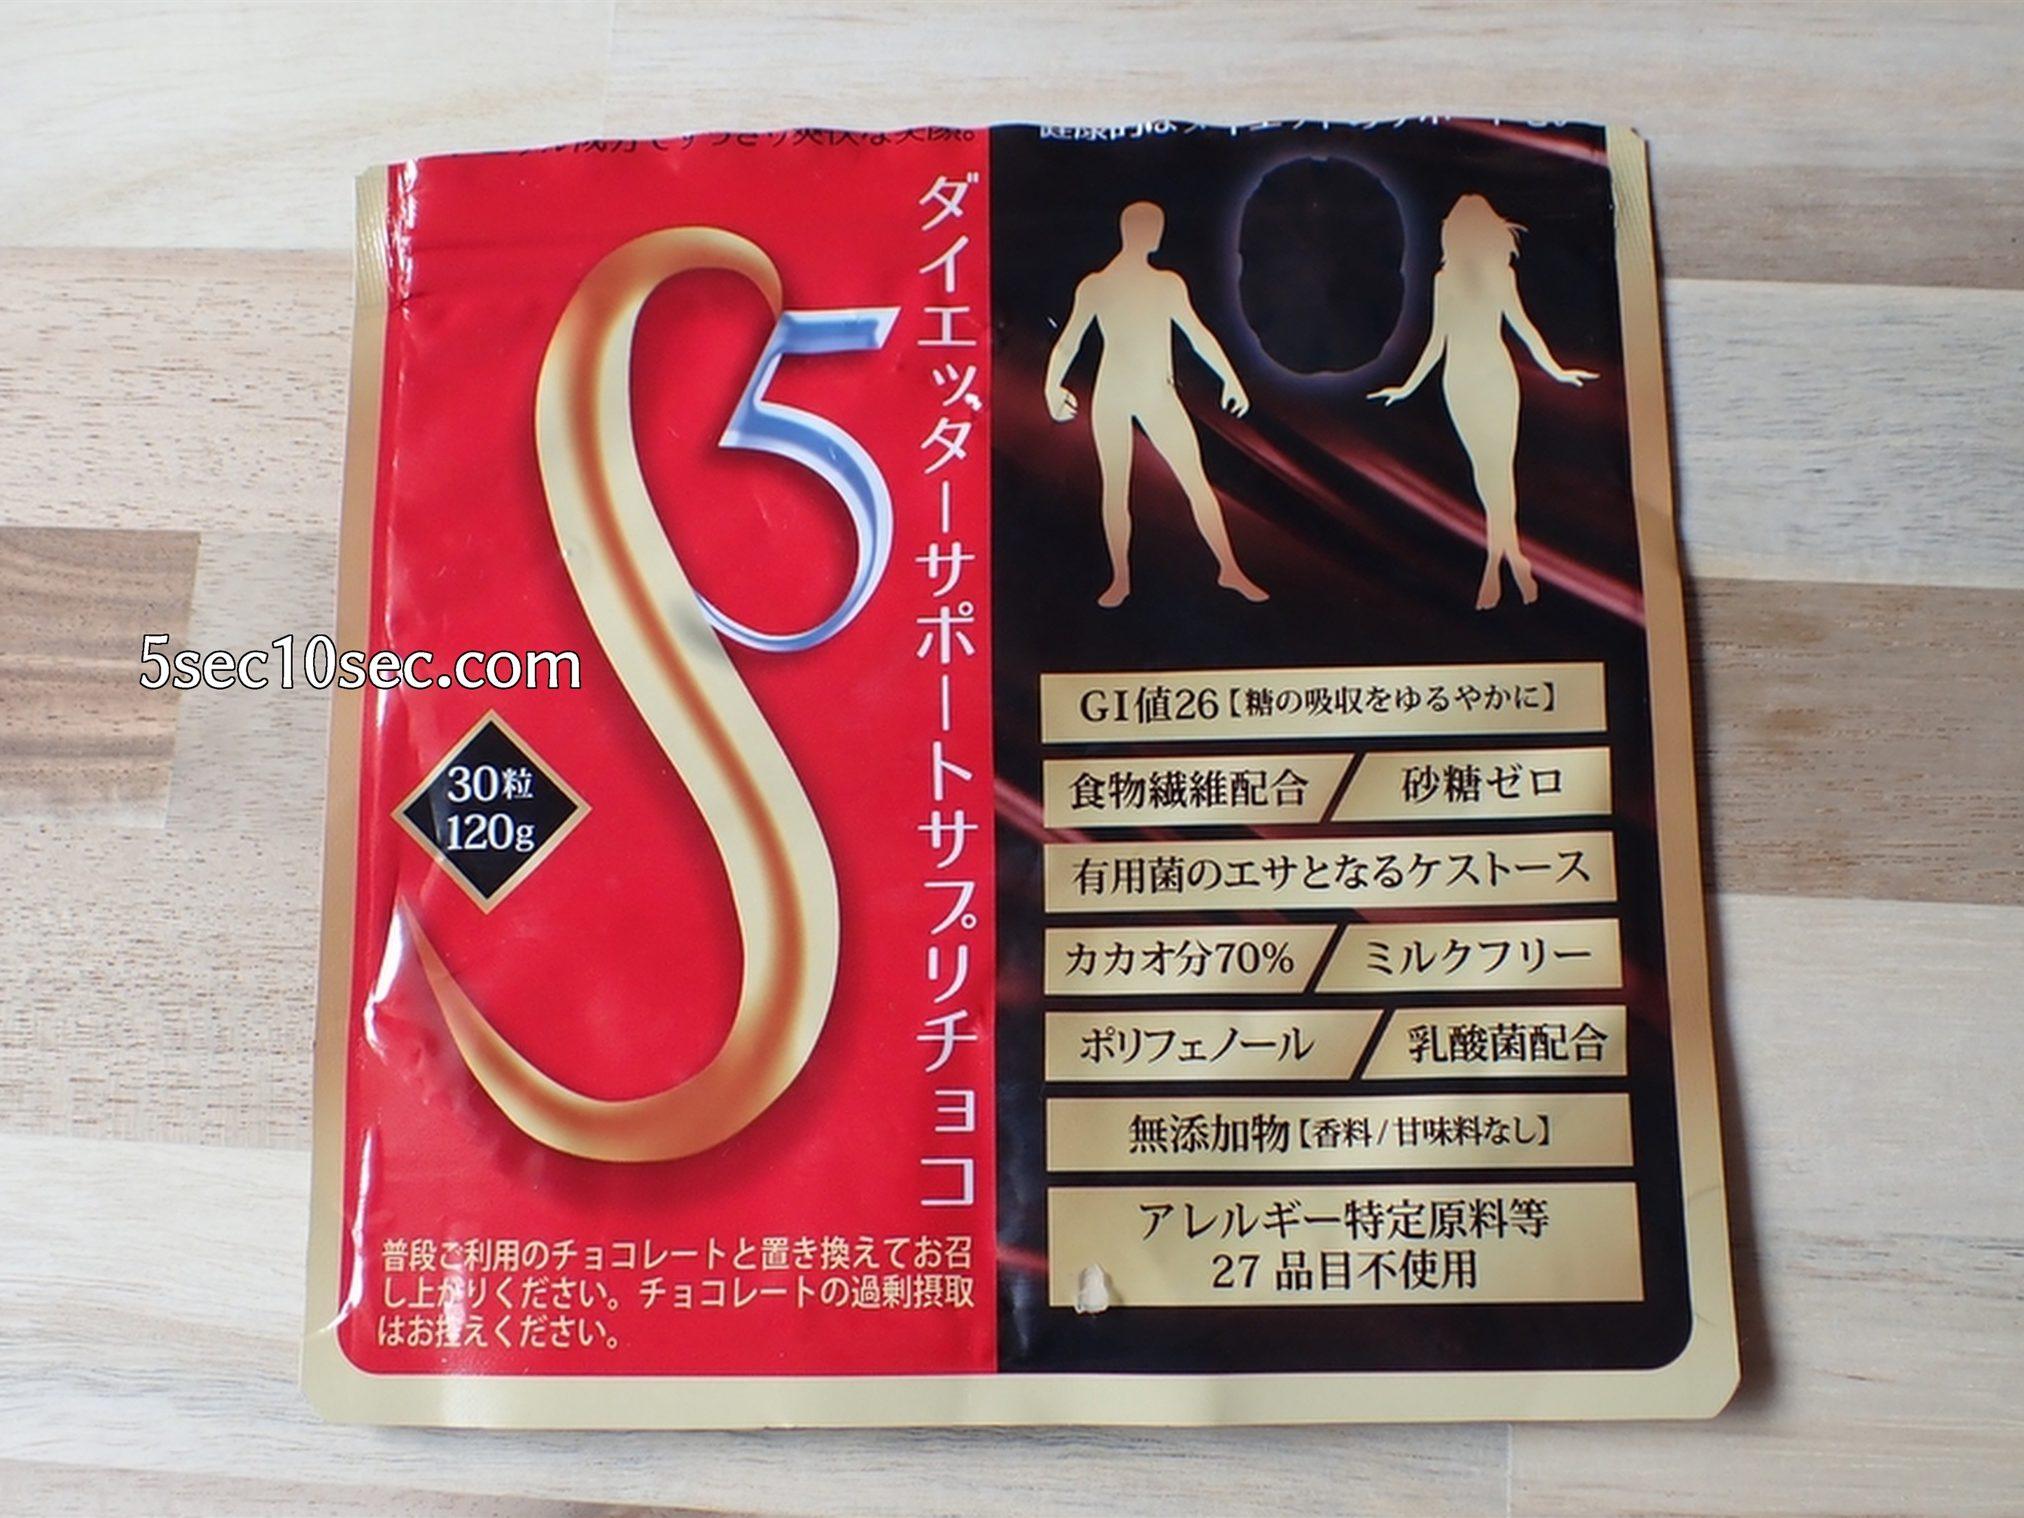 ジャパン・ウィメンズ・コレクション S5ダイエッターサポートサプリチョコ スリムGOチョコ 商品説明